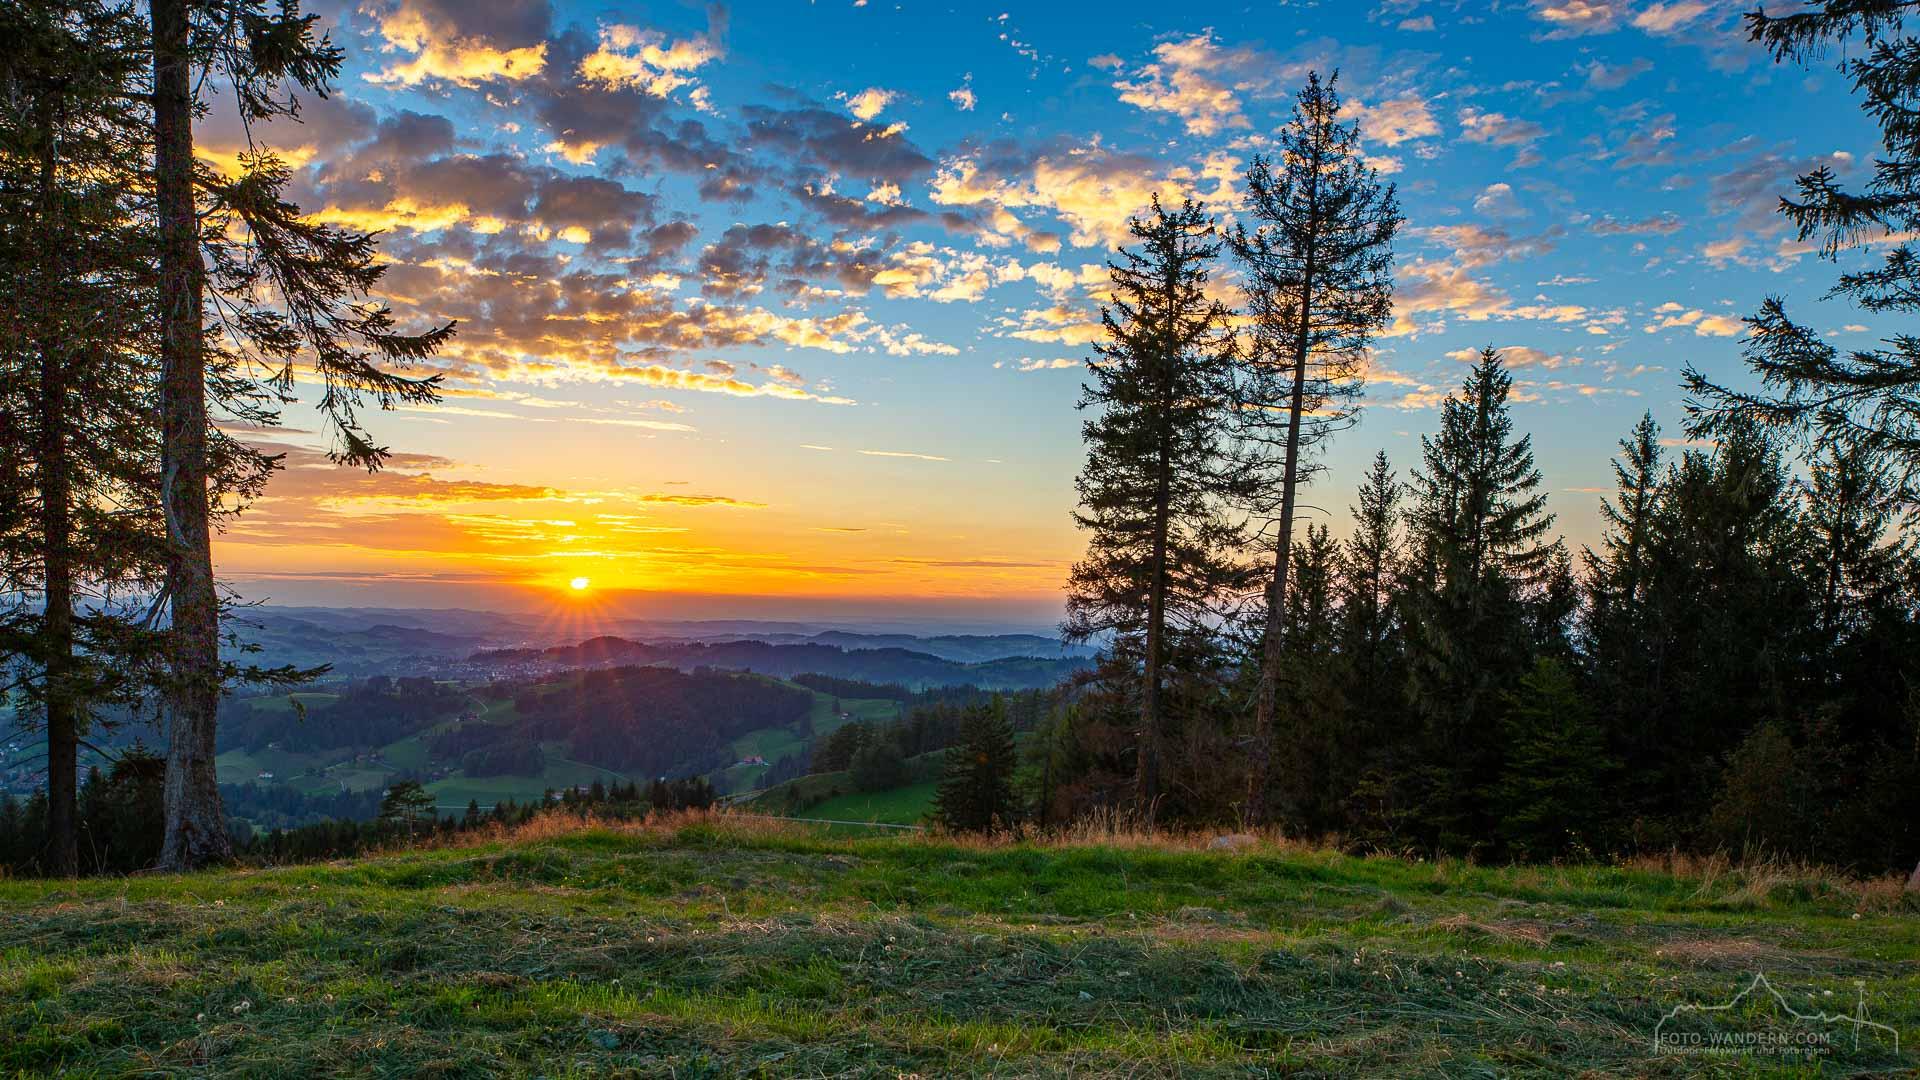 Ausblick auf die Fotokurs-Wanderwoche im Appenzellerland 2021